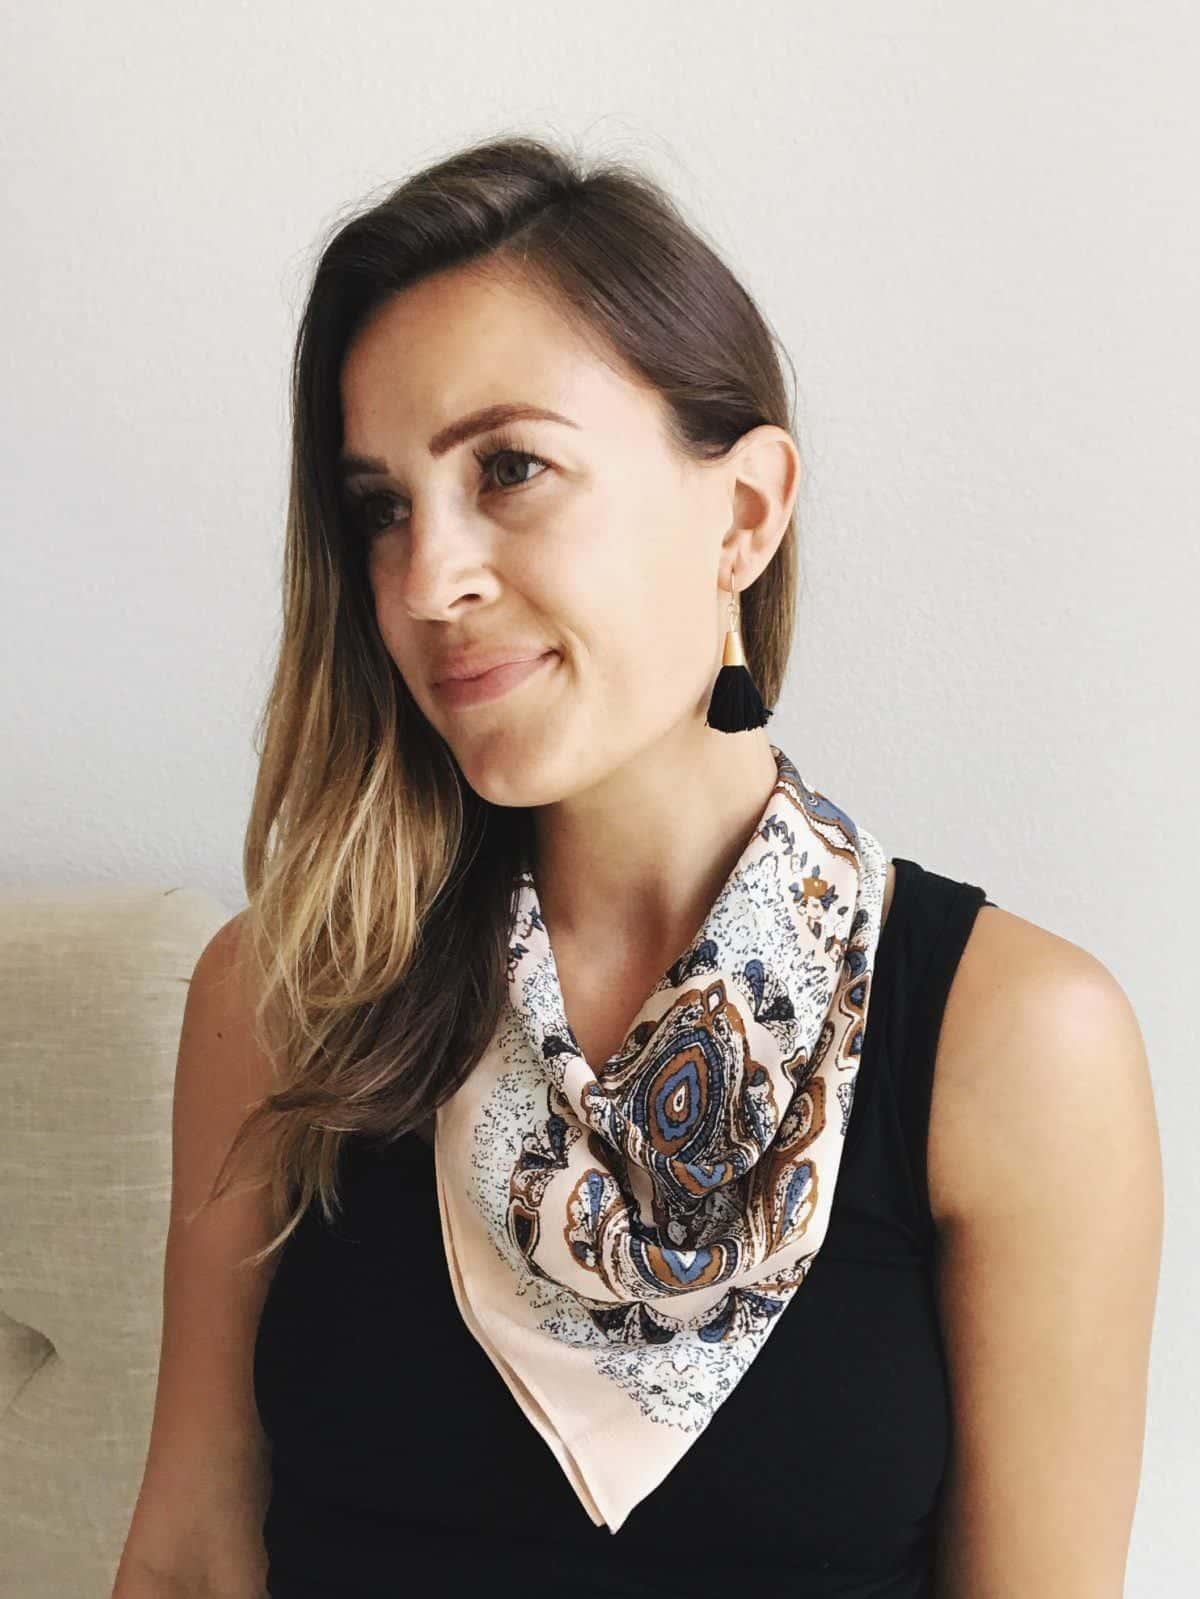 Tassel Earring Styles 22 Ideas How To Wear Tassel Earrings